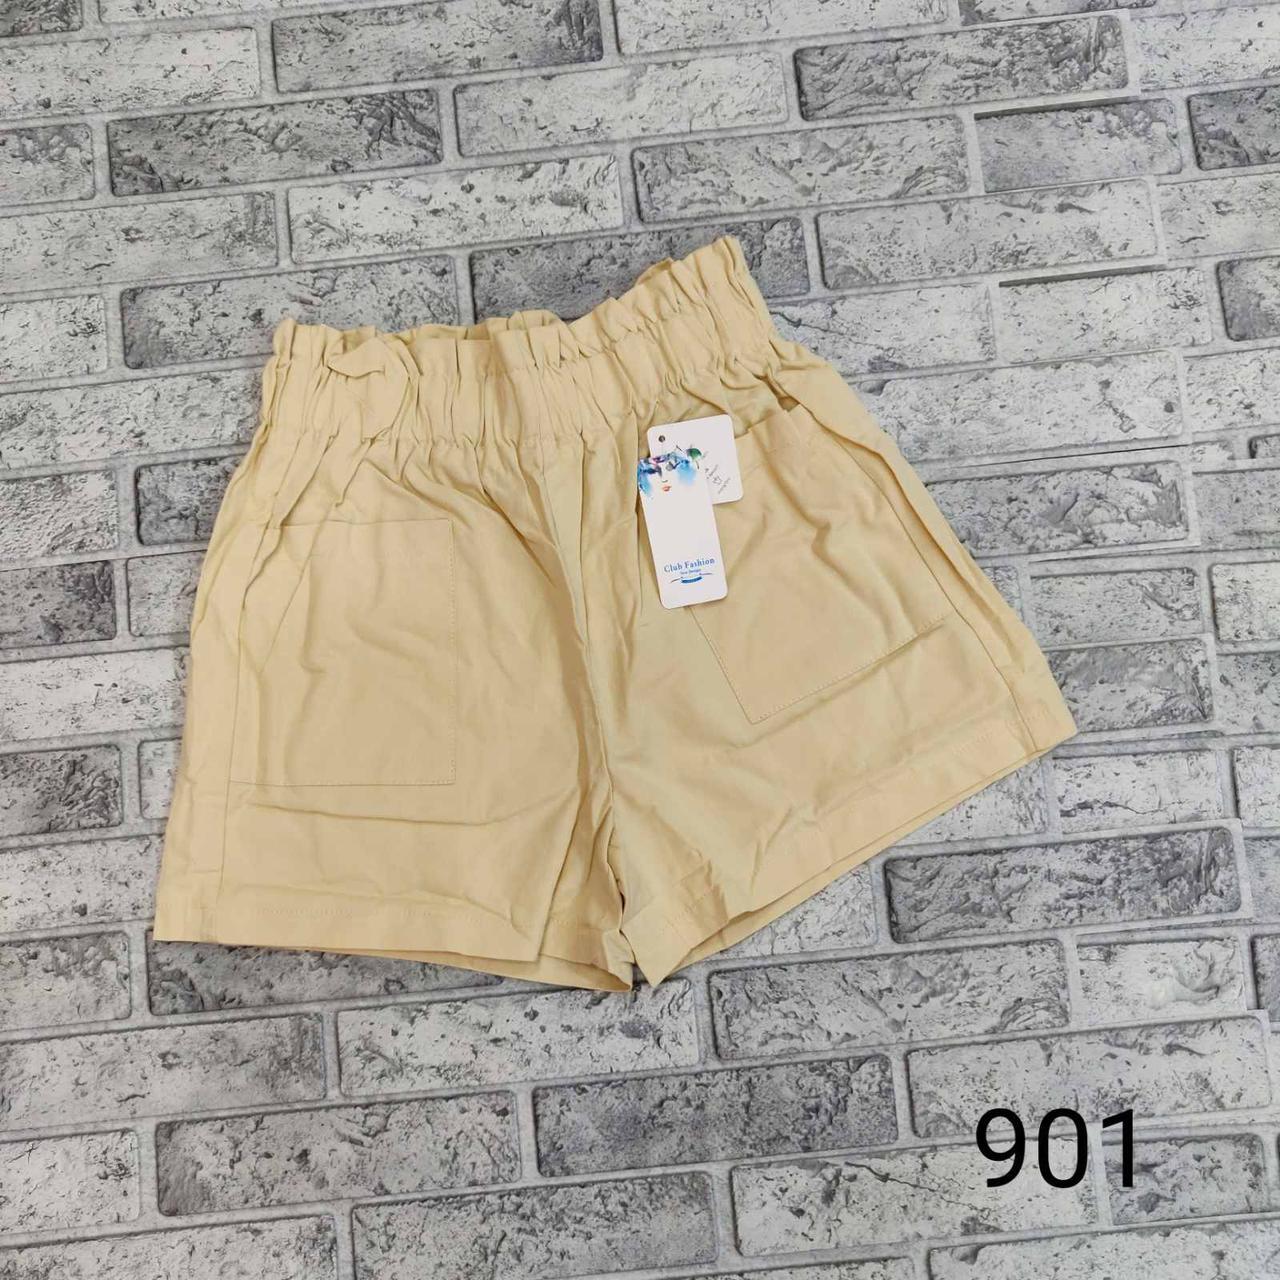 Высокие стильные шорты на резинке (42-44)